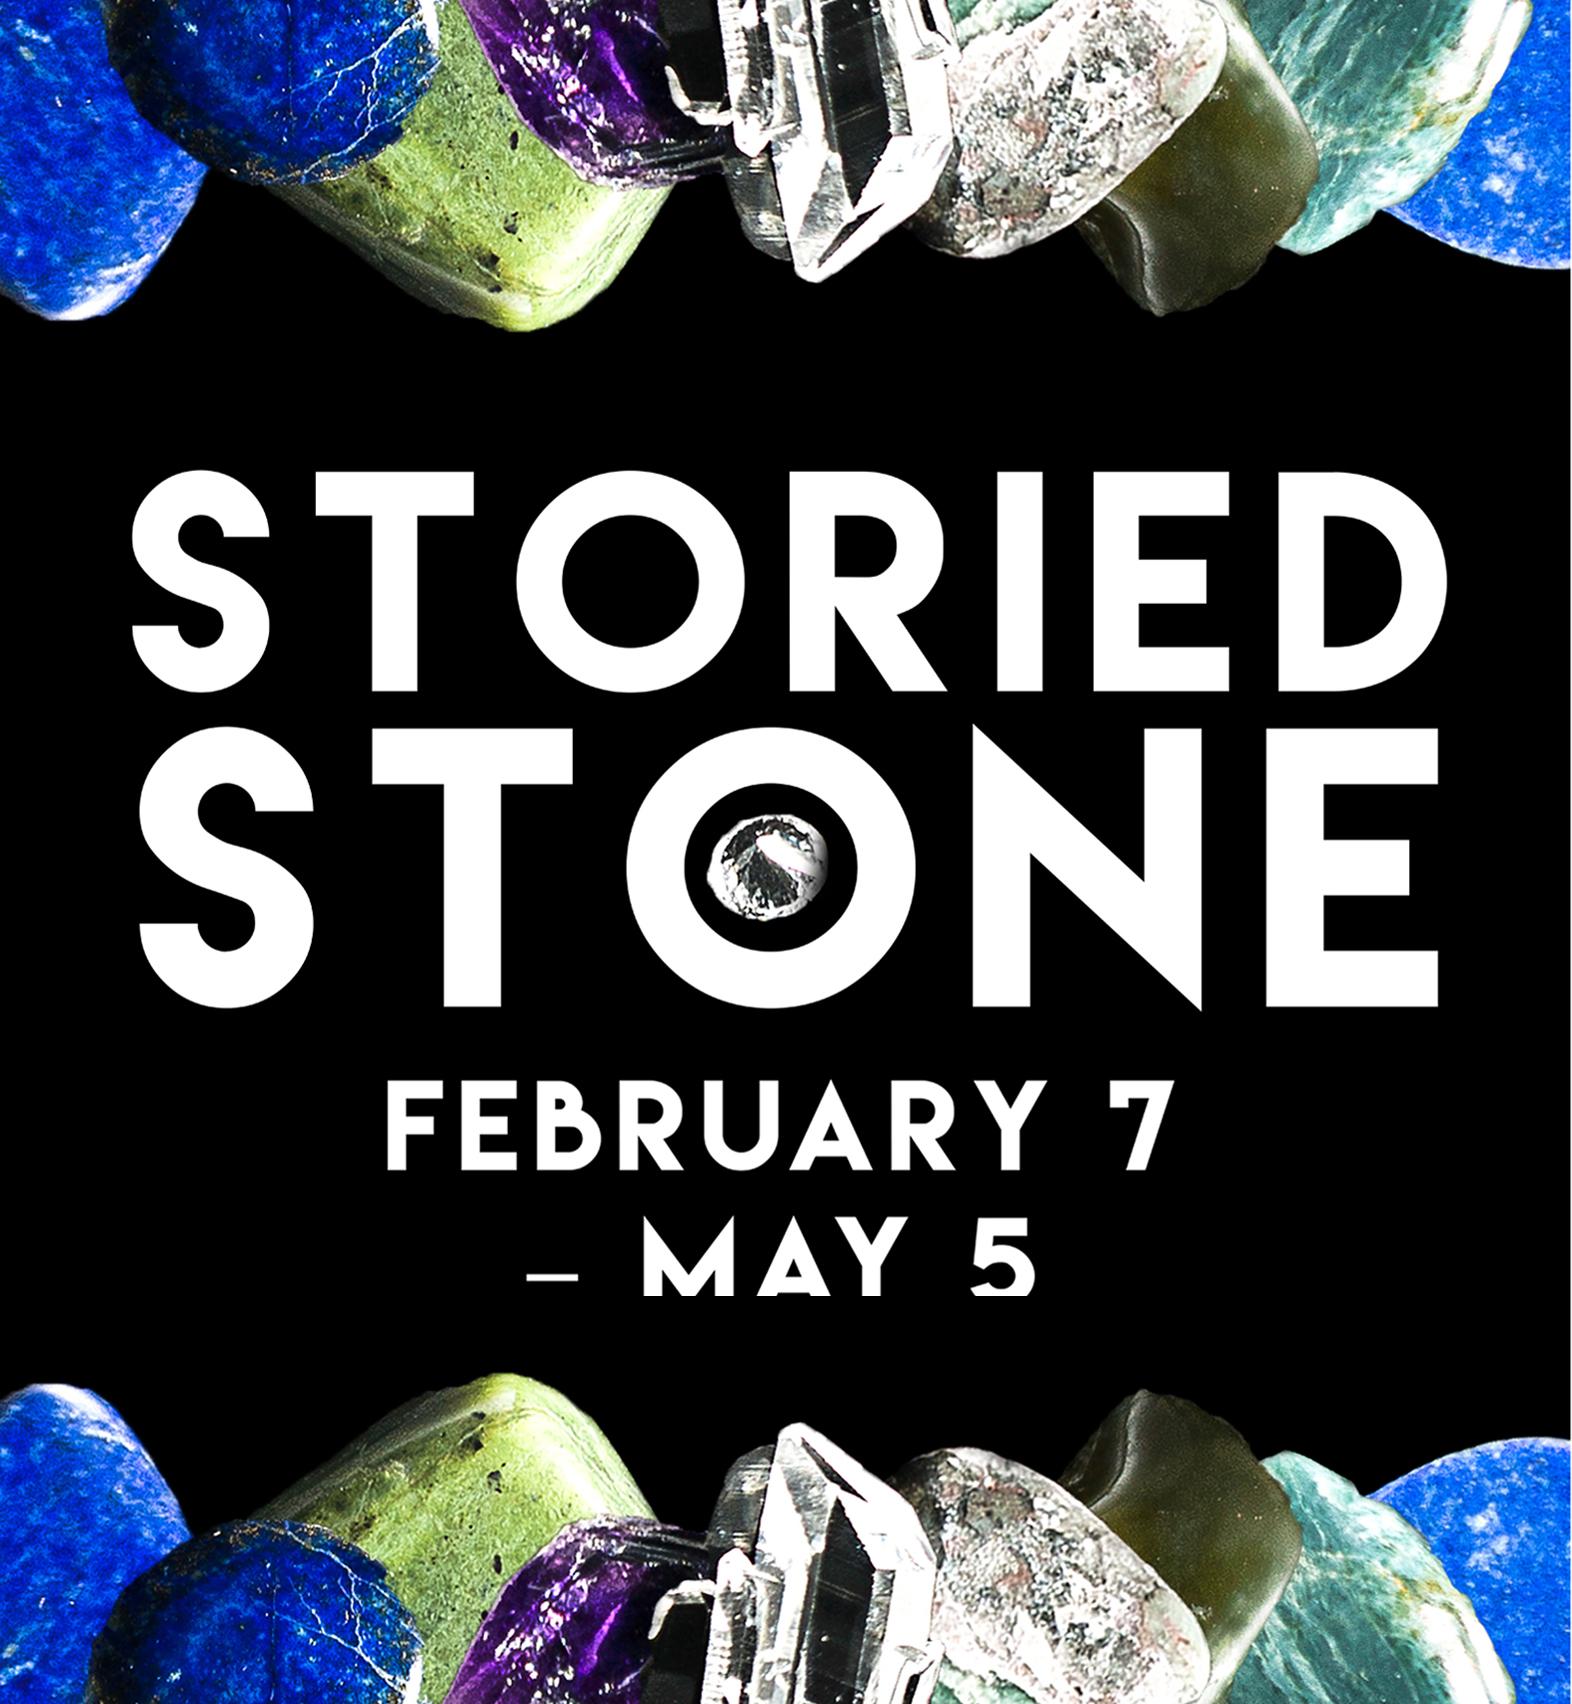 Storied Stone